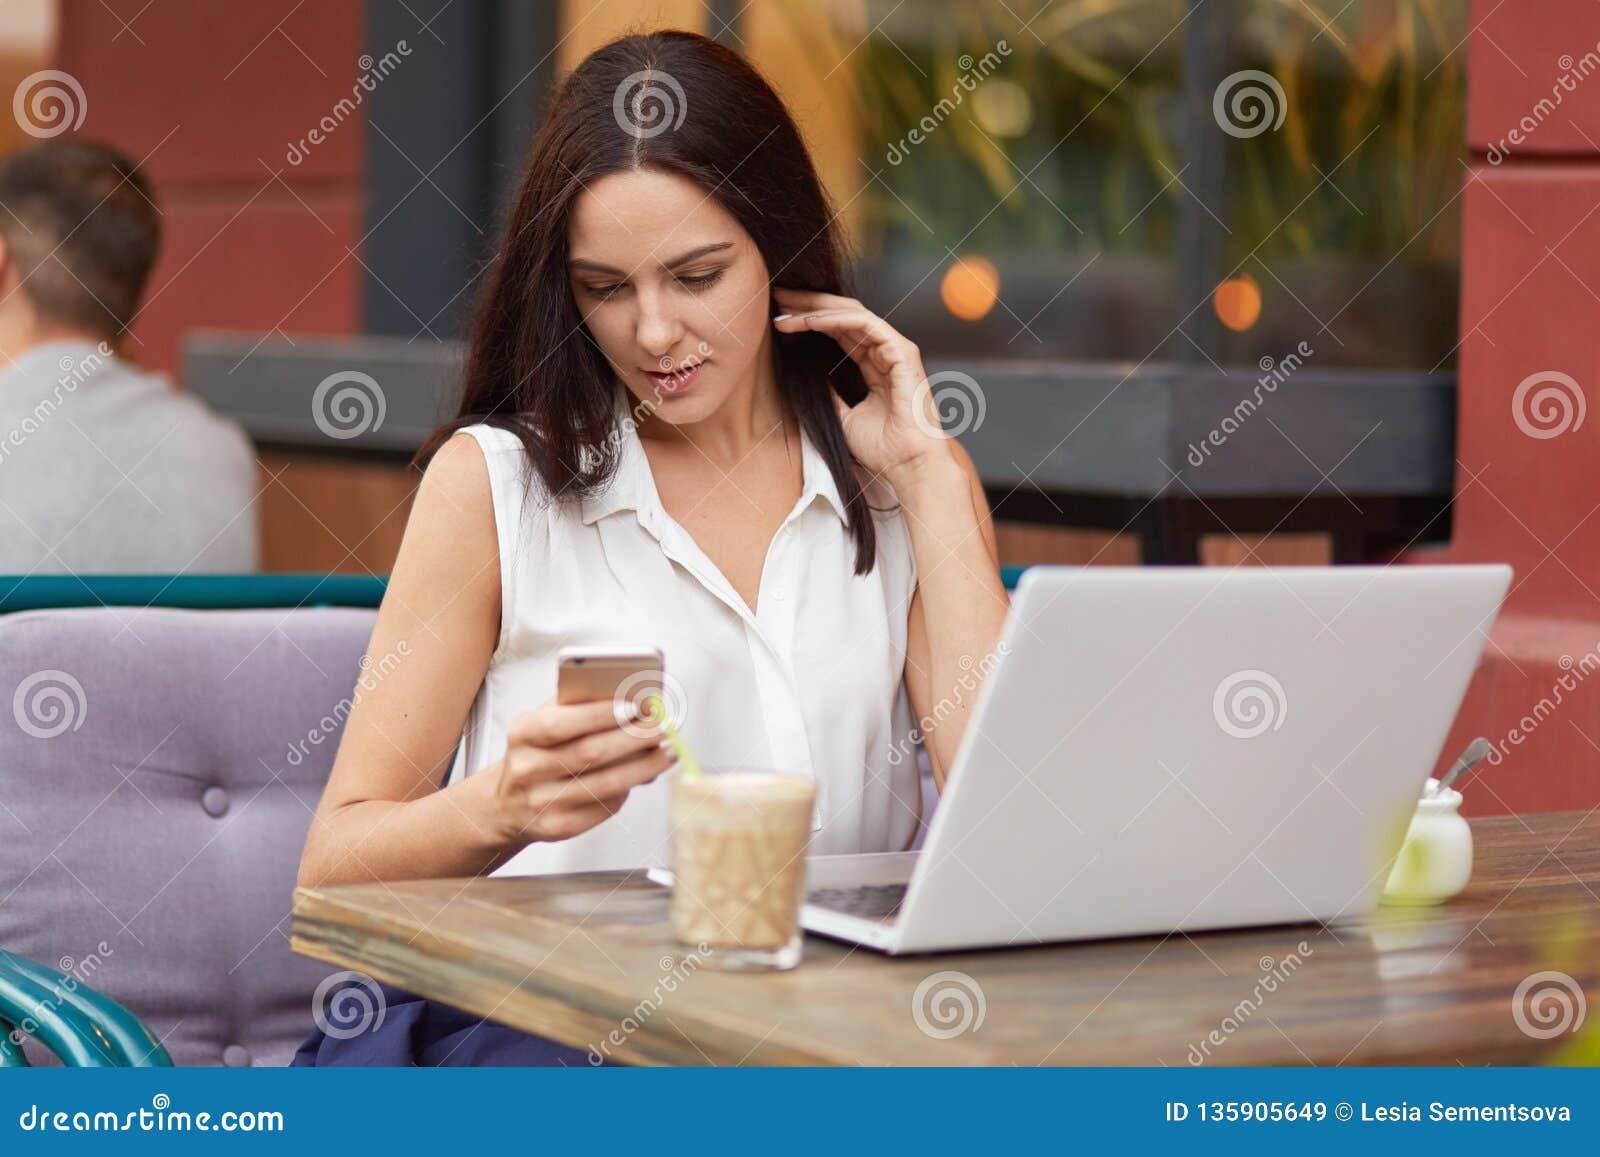 Ο οριζόντιος πυροβολισμός του πολυάσχολου θηλυκού freelancer κρατά το κινητό τηλέφωνο, μηνύματα κειμένου σε απευθείας σύνδεση, φο